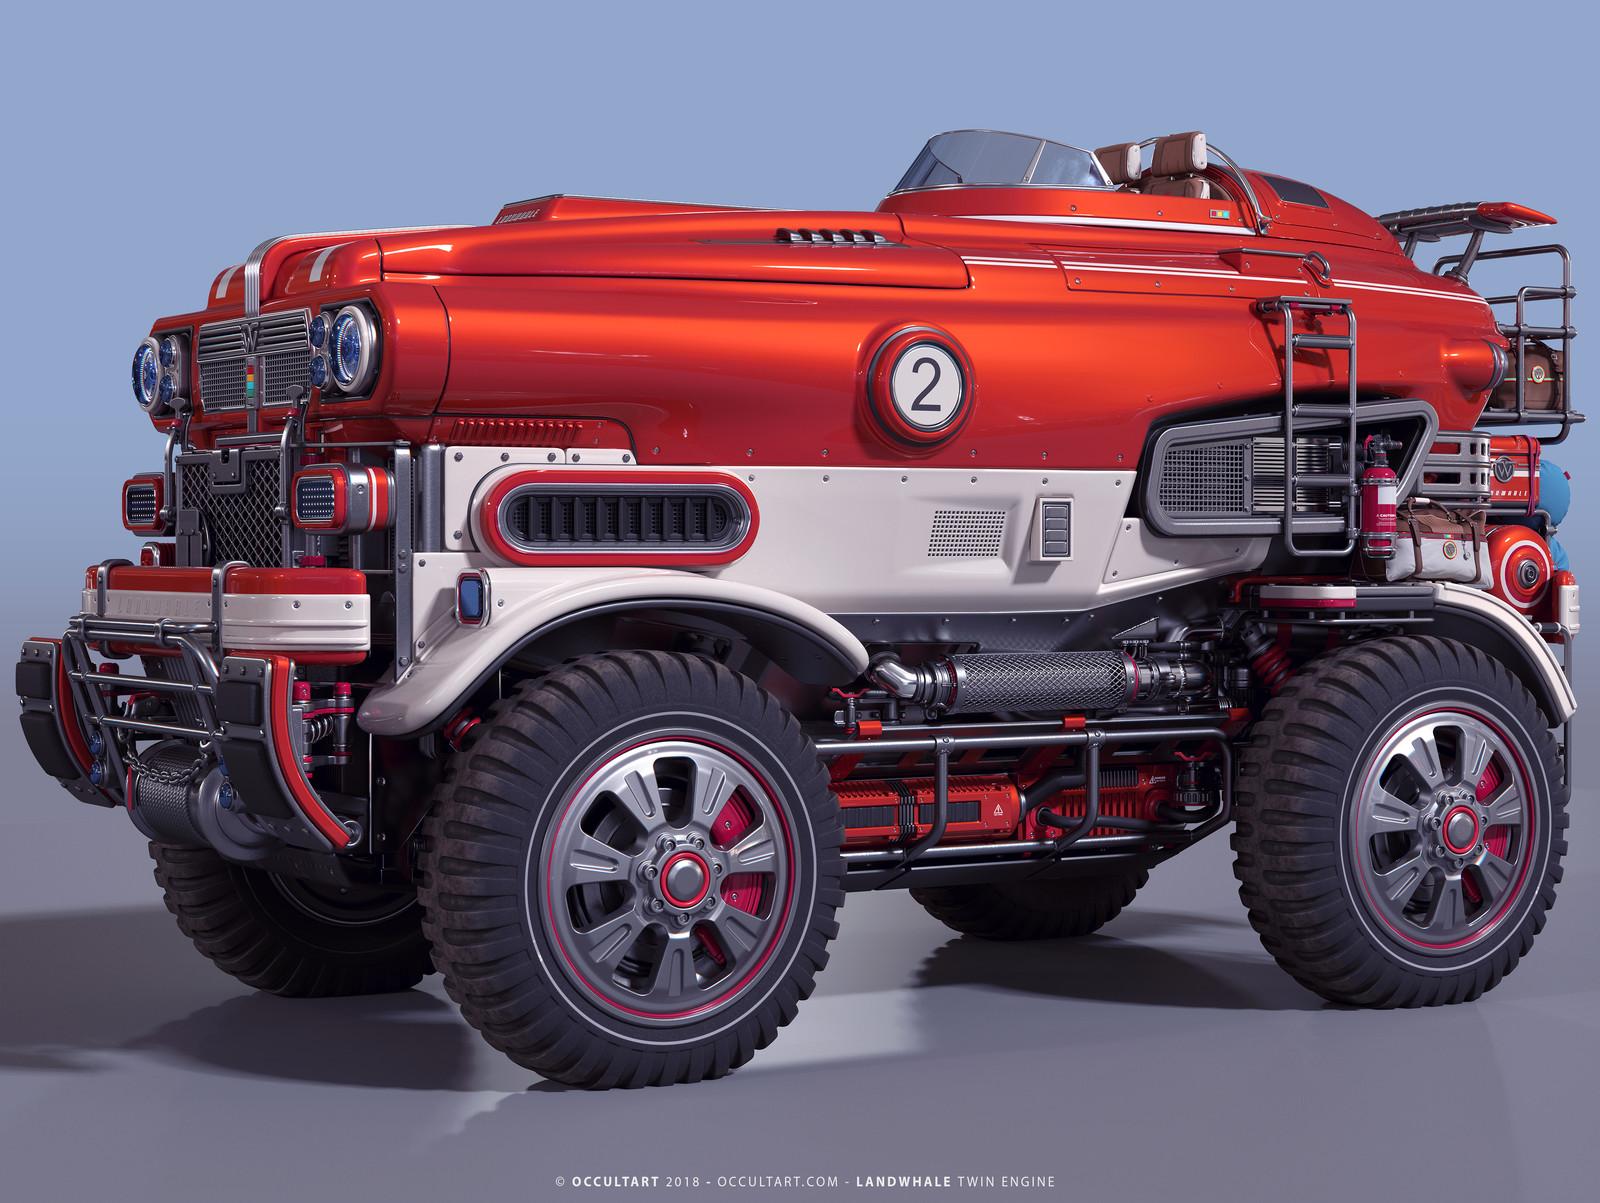 Firewhale - Corona Render